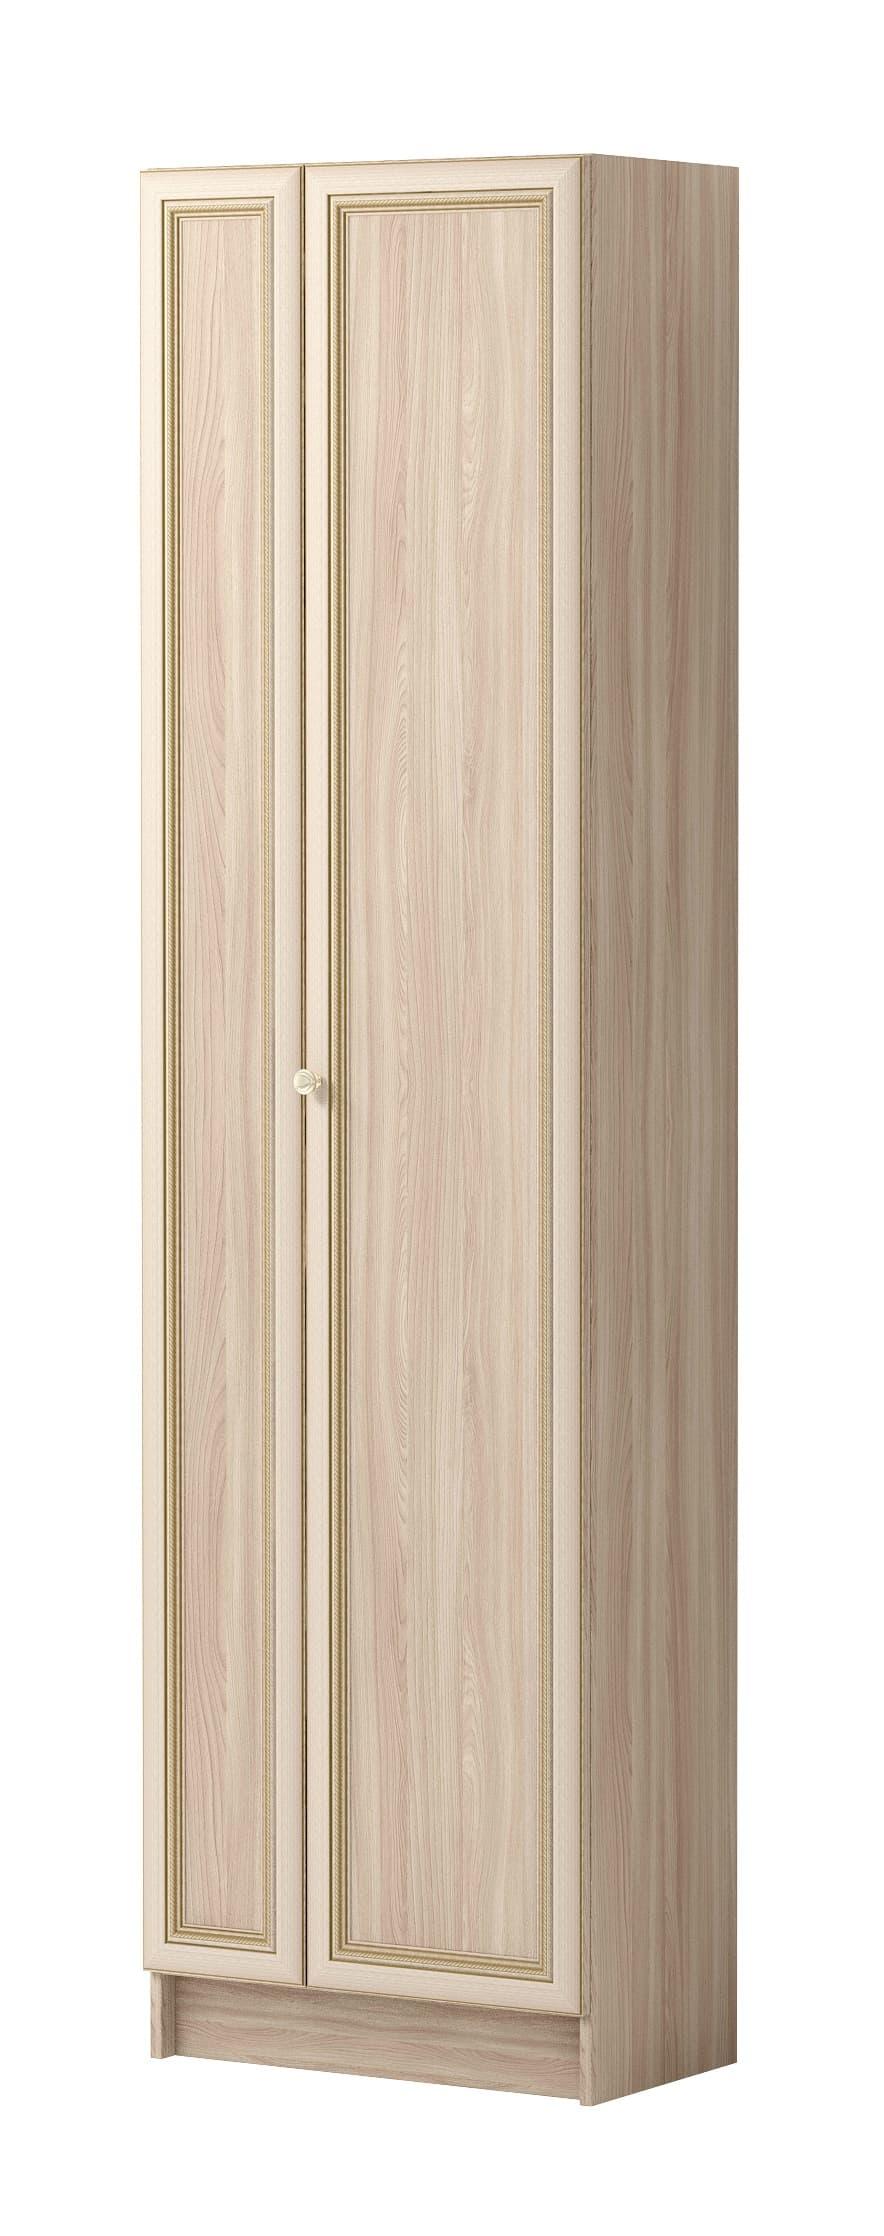 Шкаф для одежды Брайтон 16